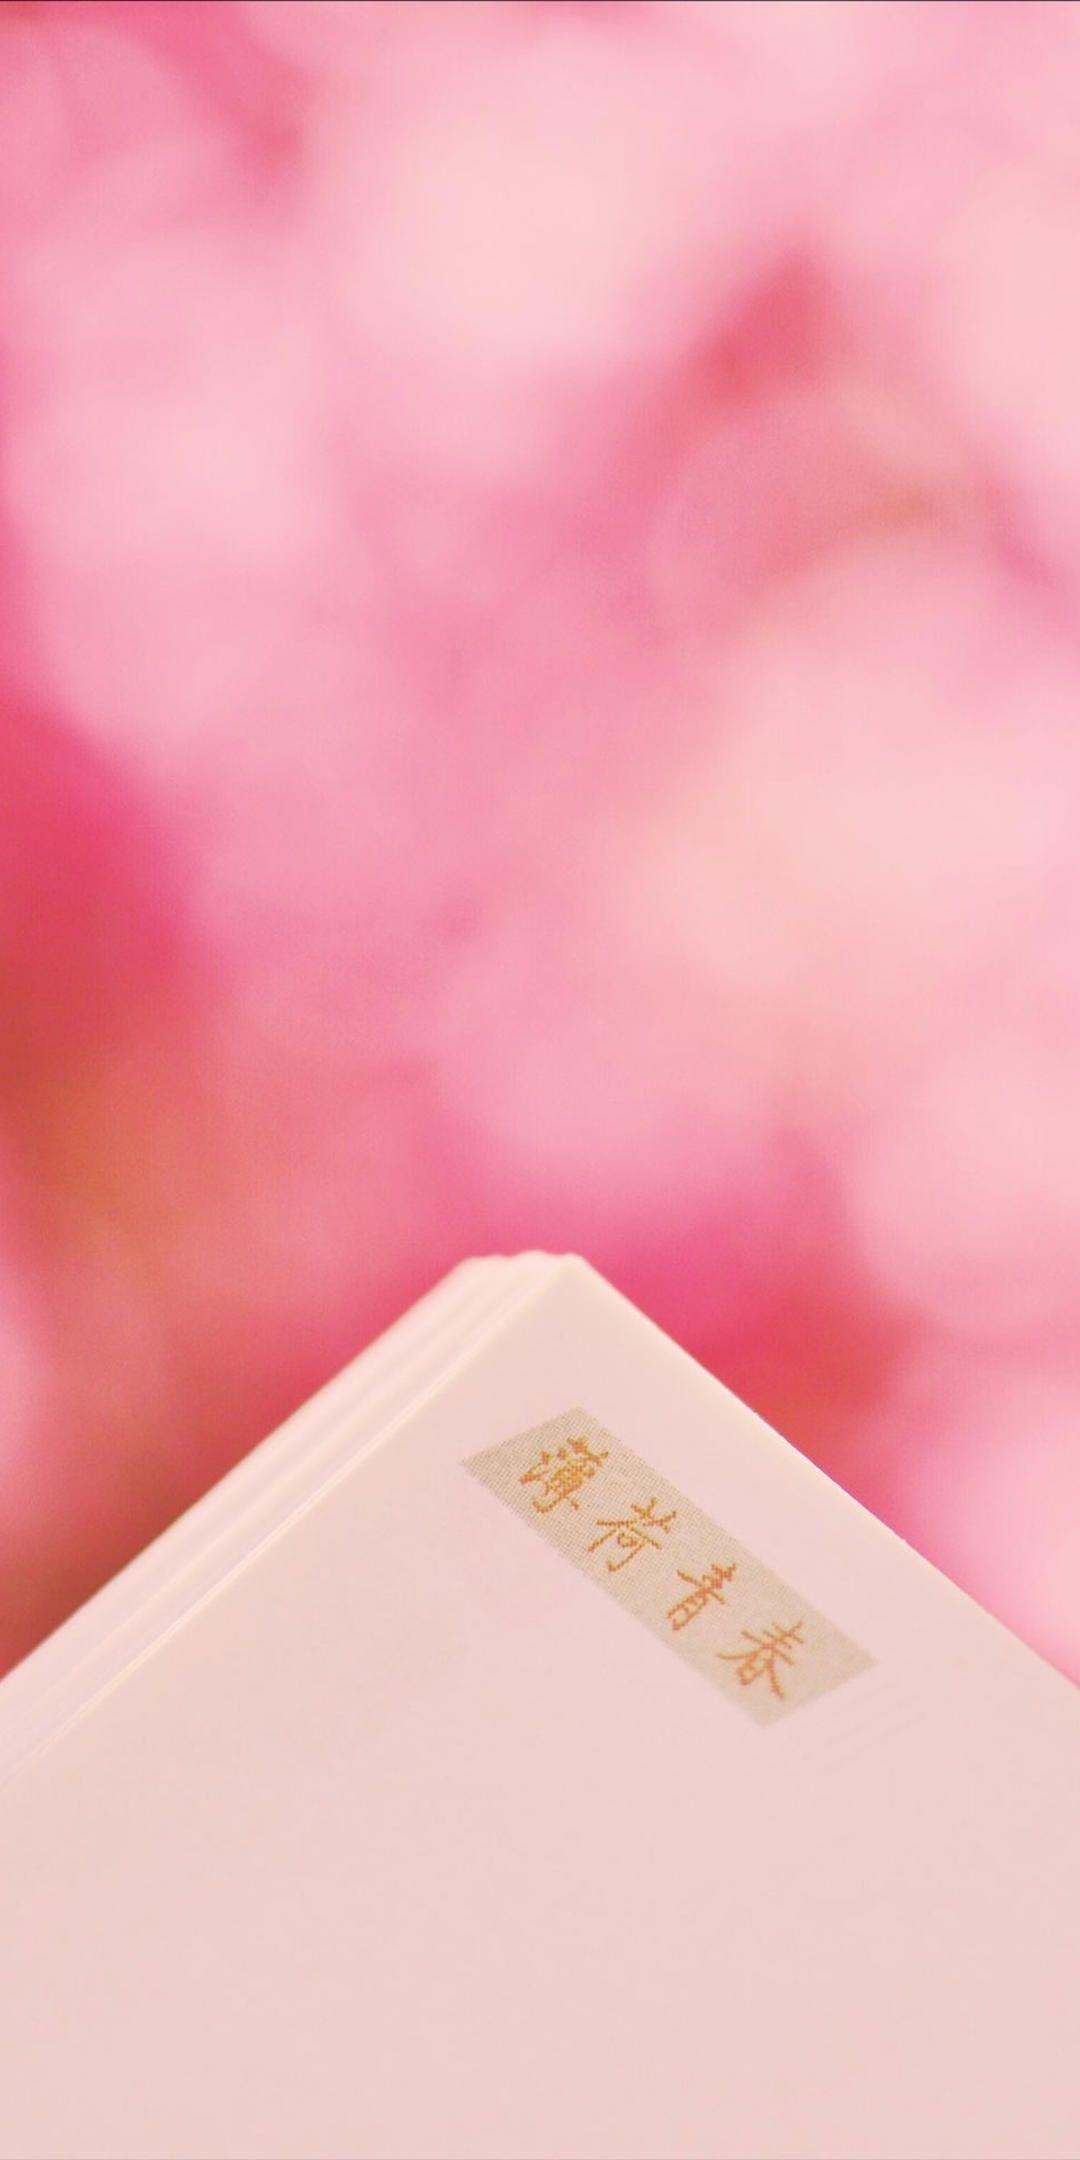 5e67b8a05a5b2 - 粉色系少女心手机壁纸